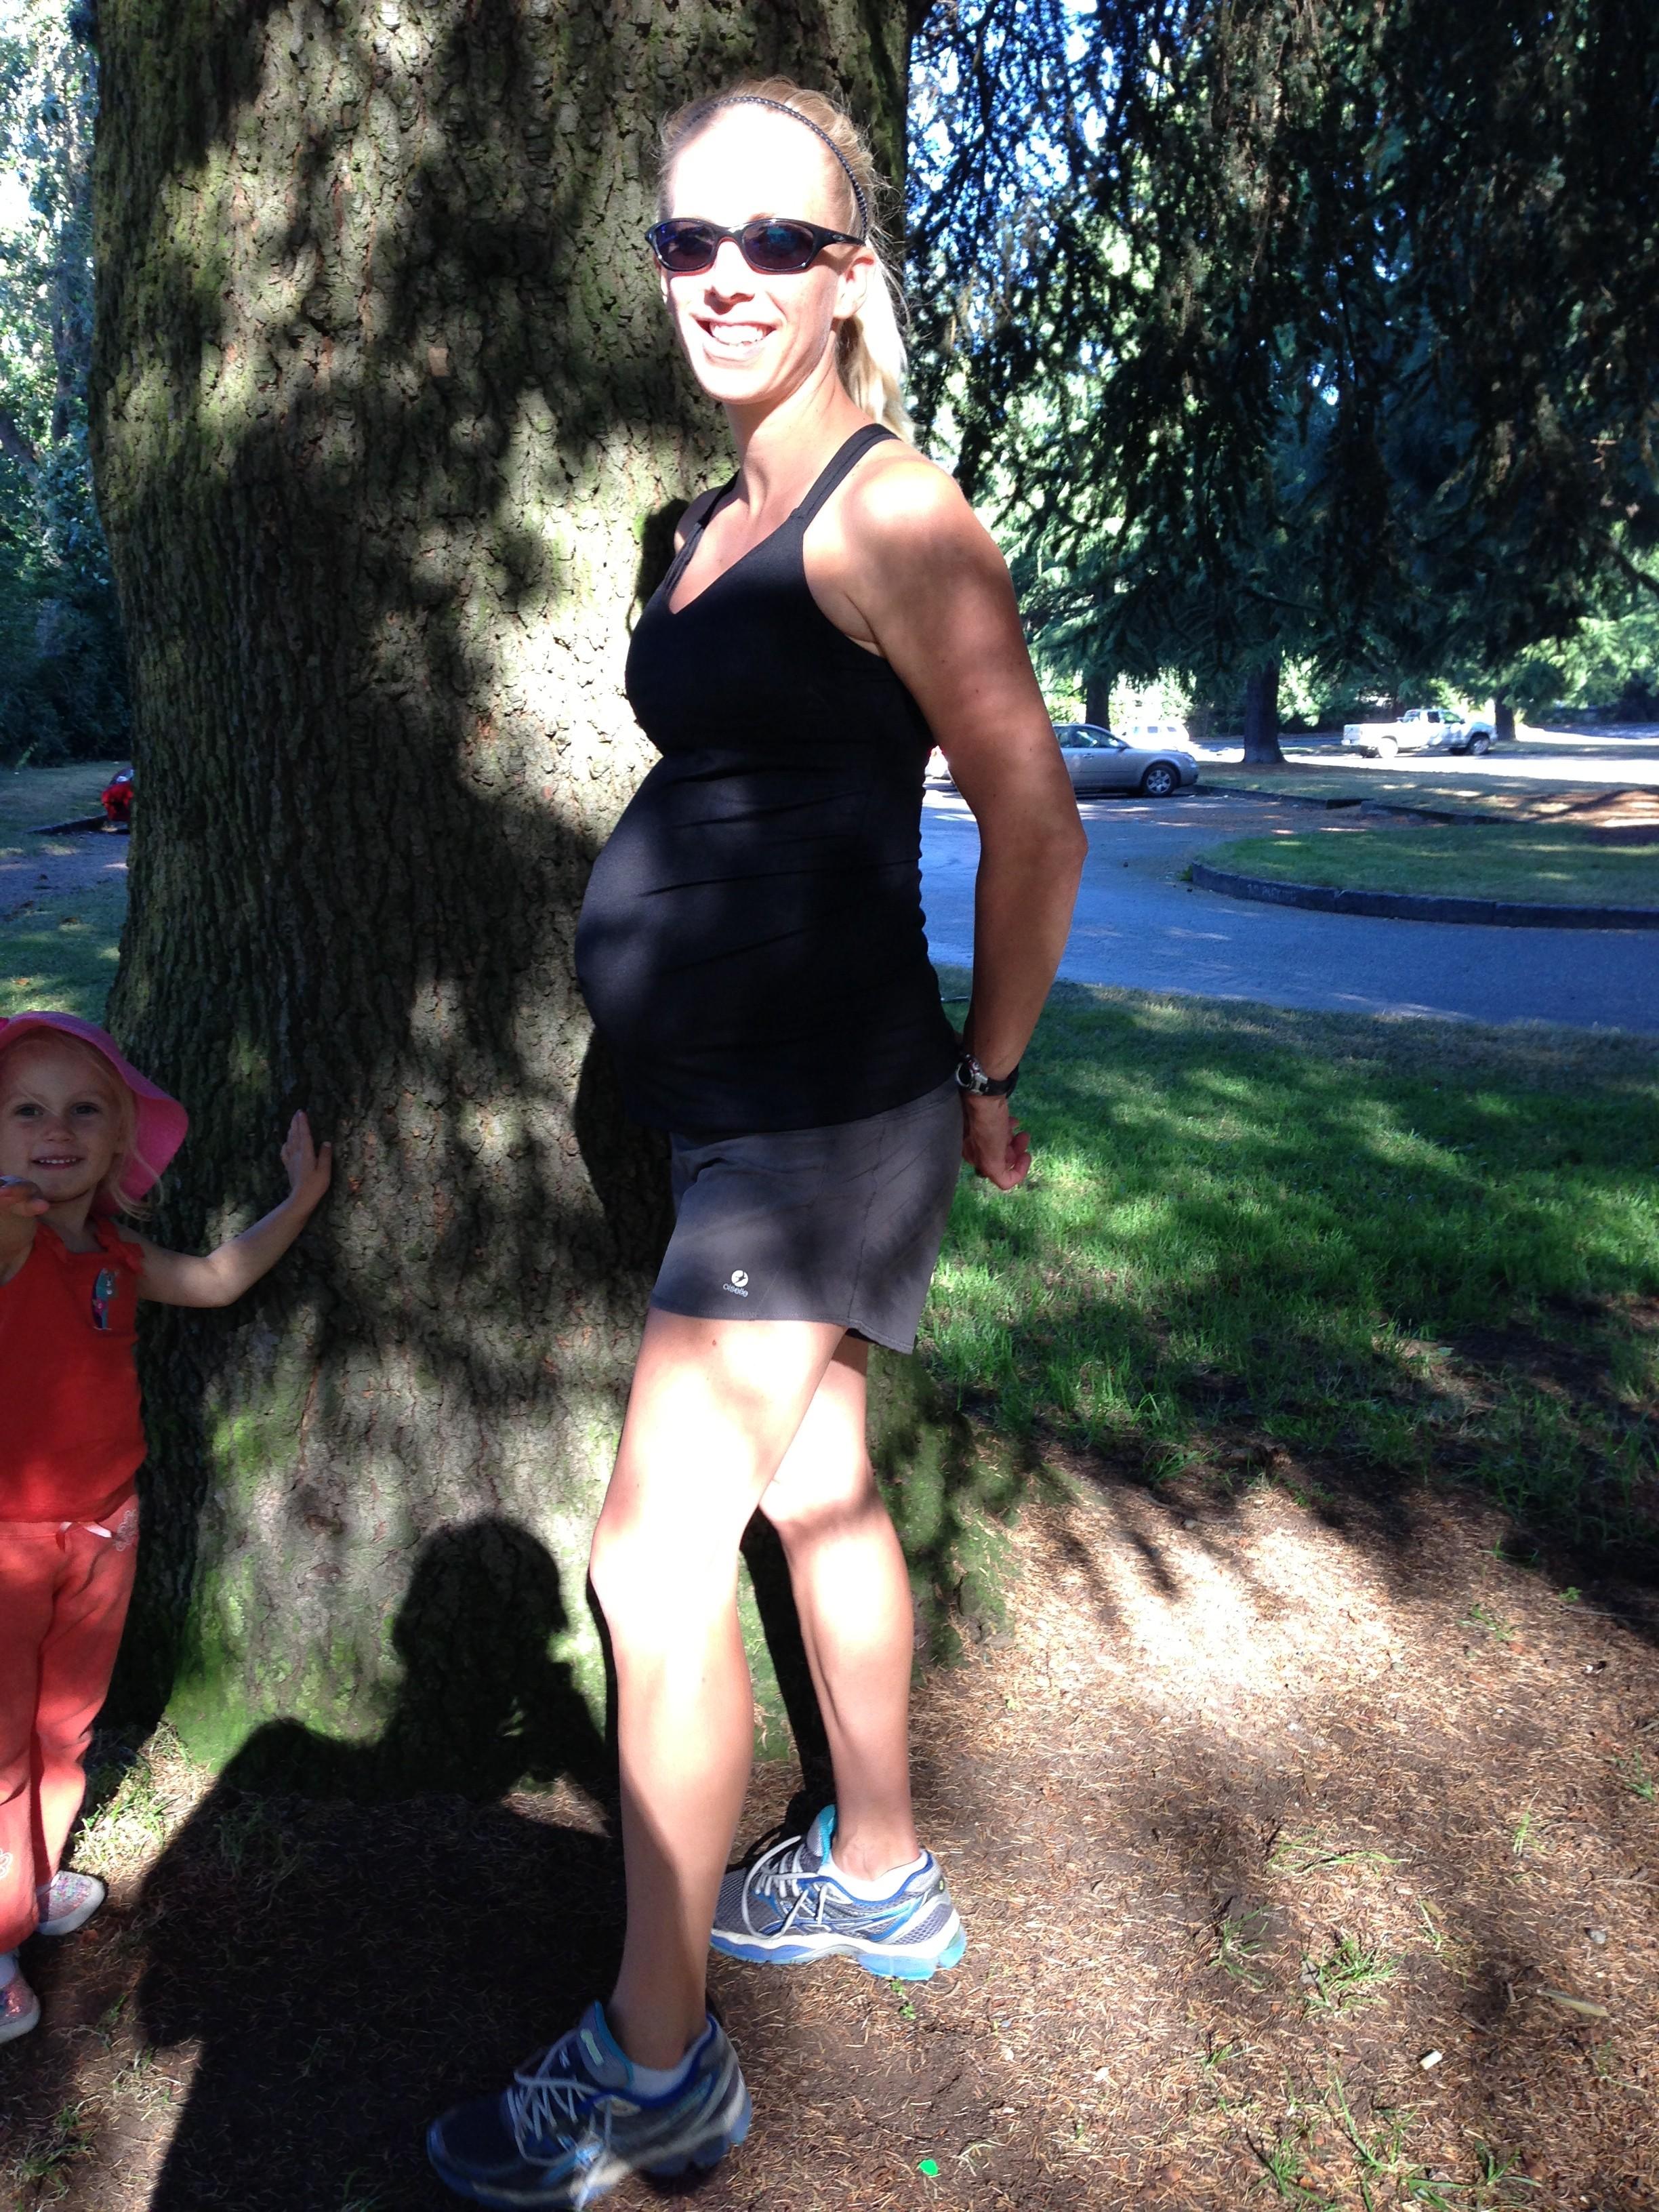 29 week pregnant runner